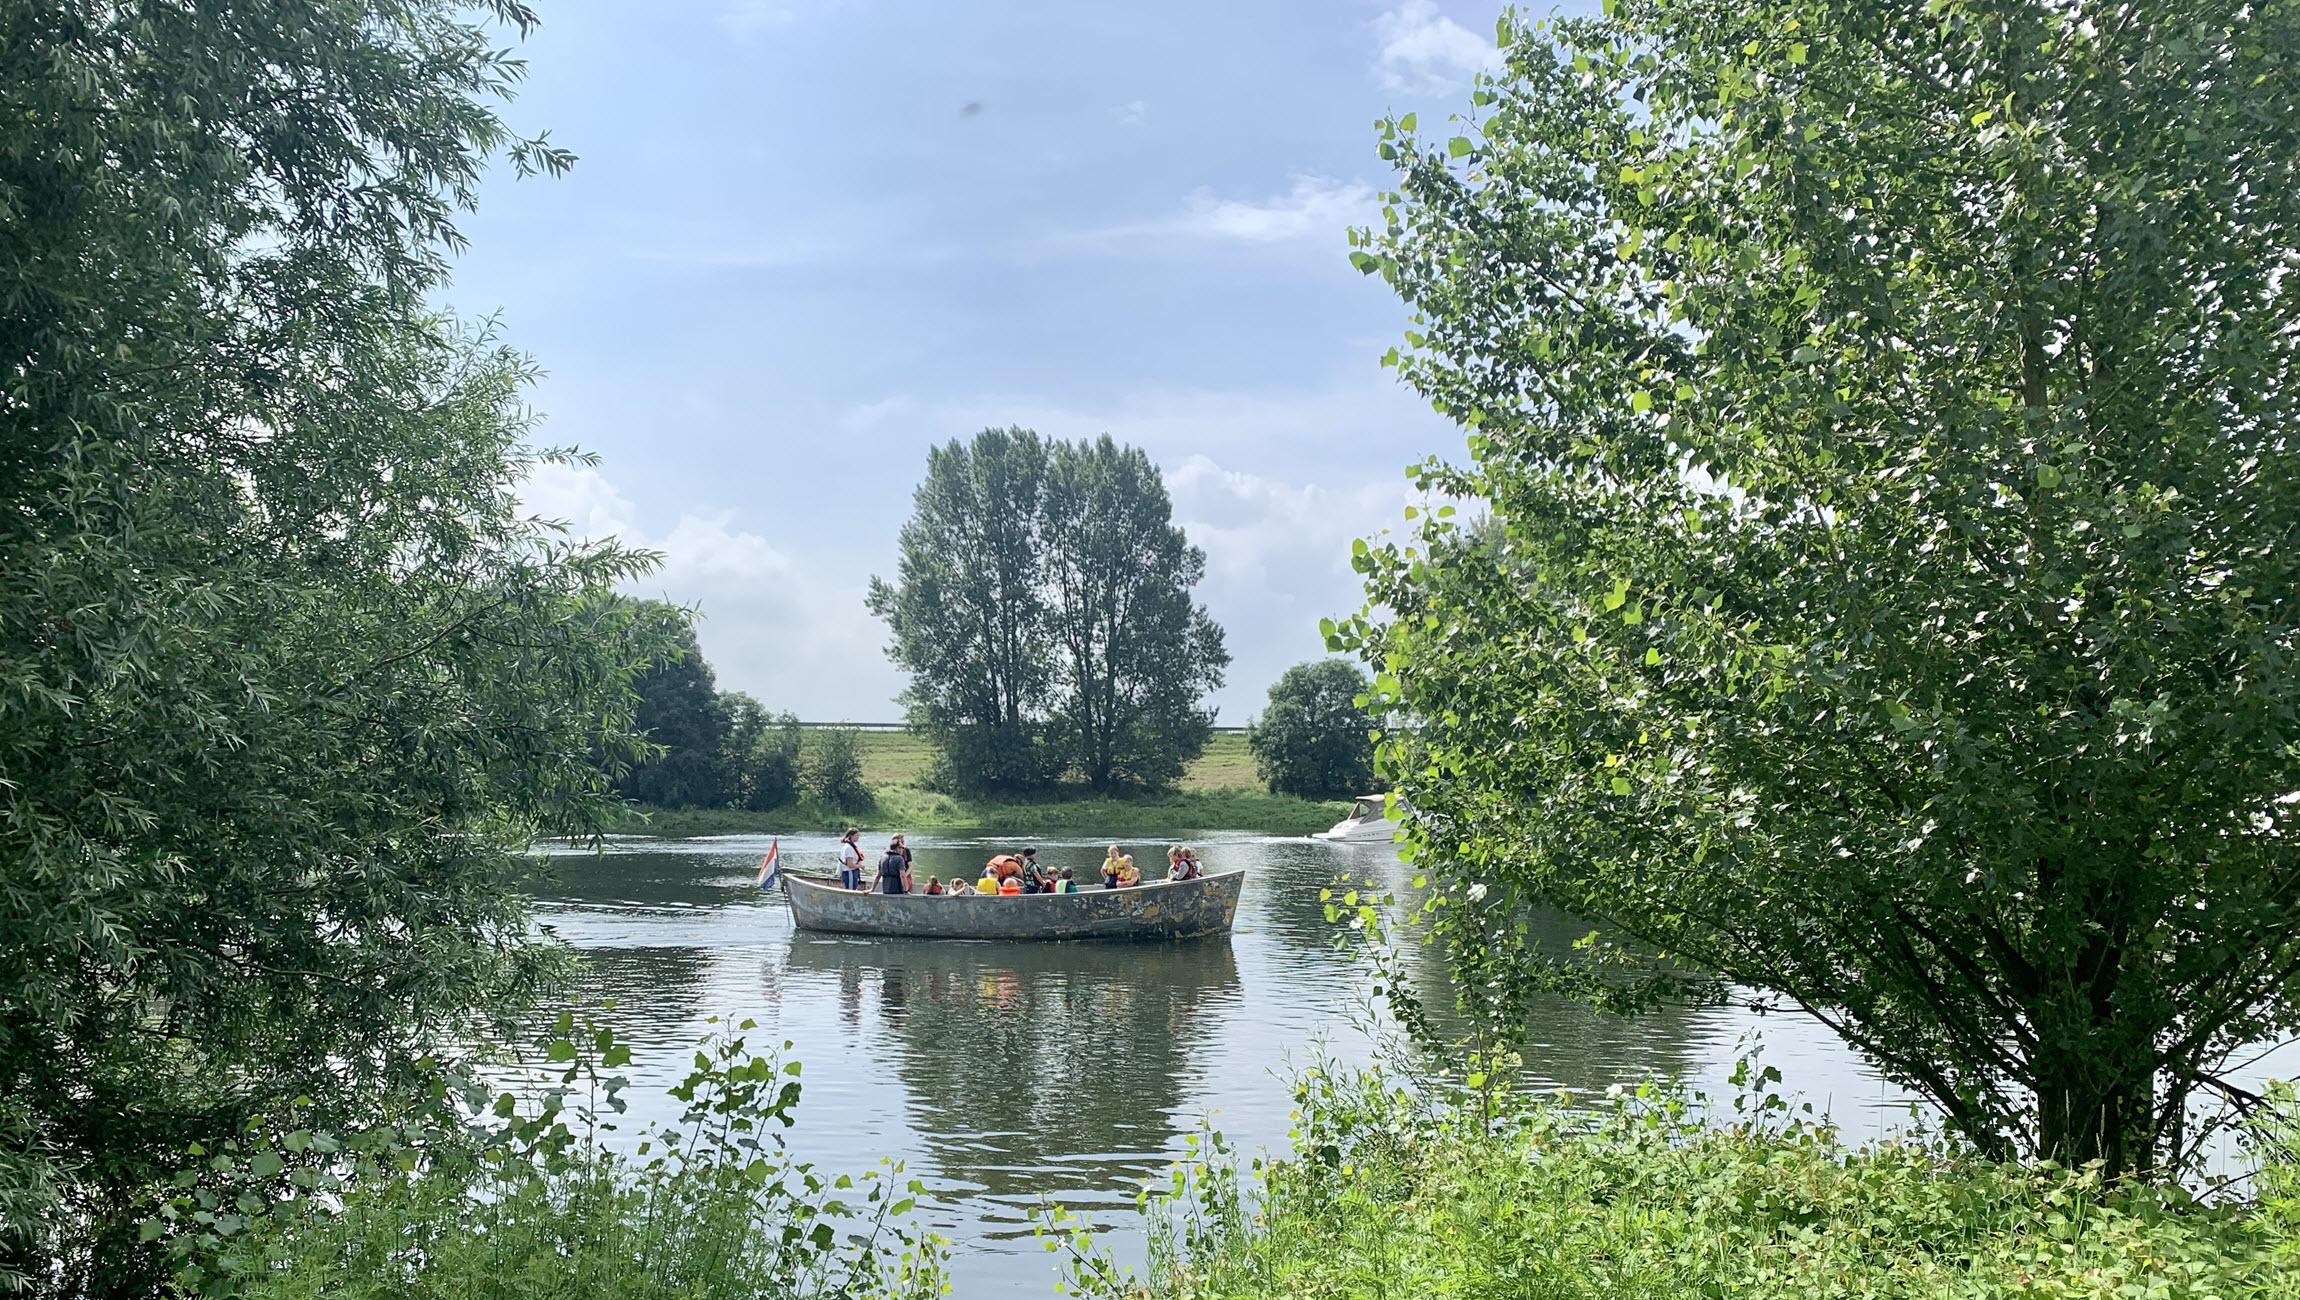 Jeugdzeillessen bij Watersport Vereniging De Engel - WSV De Engel